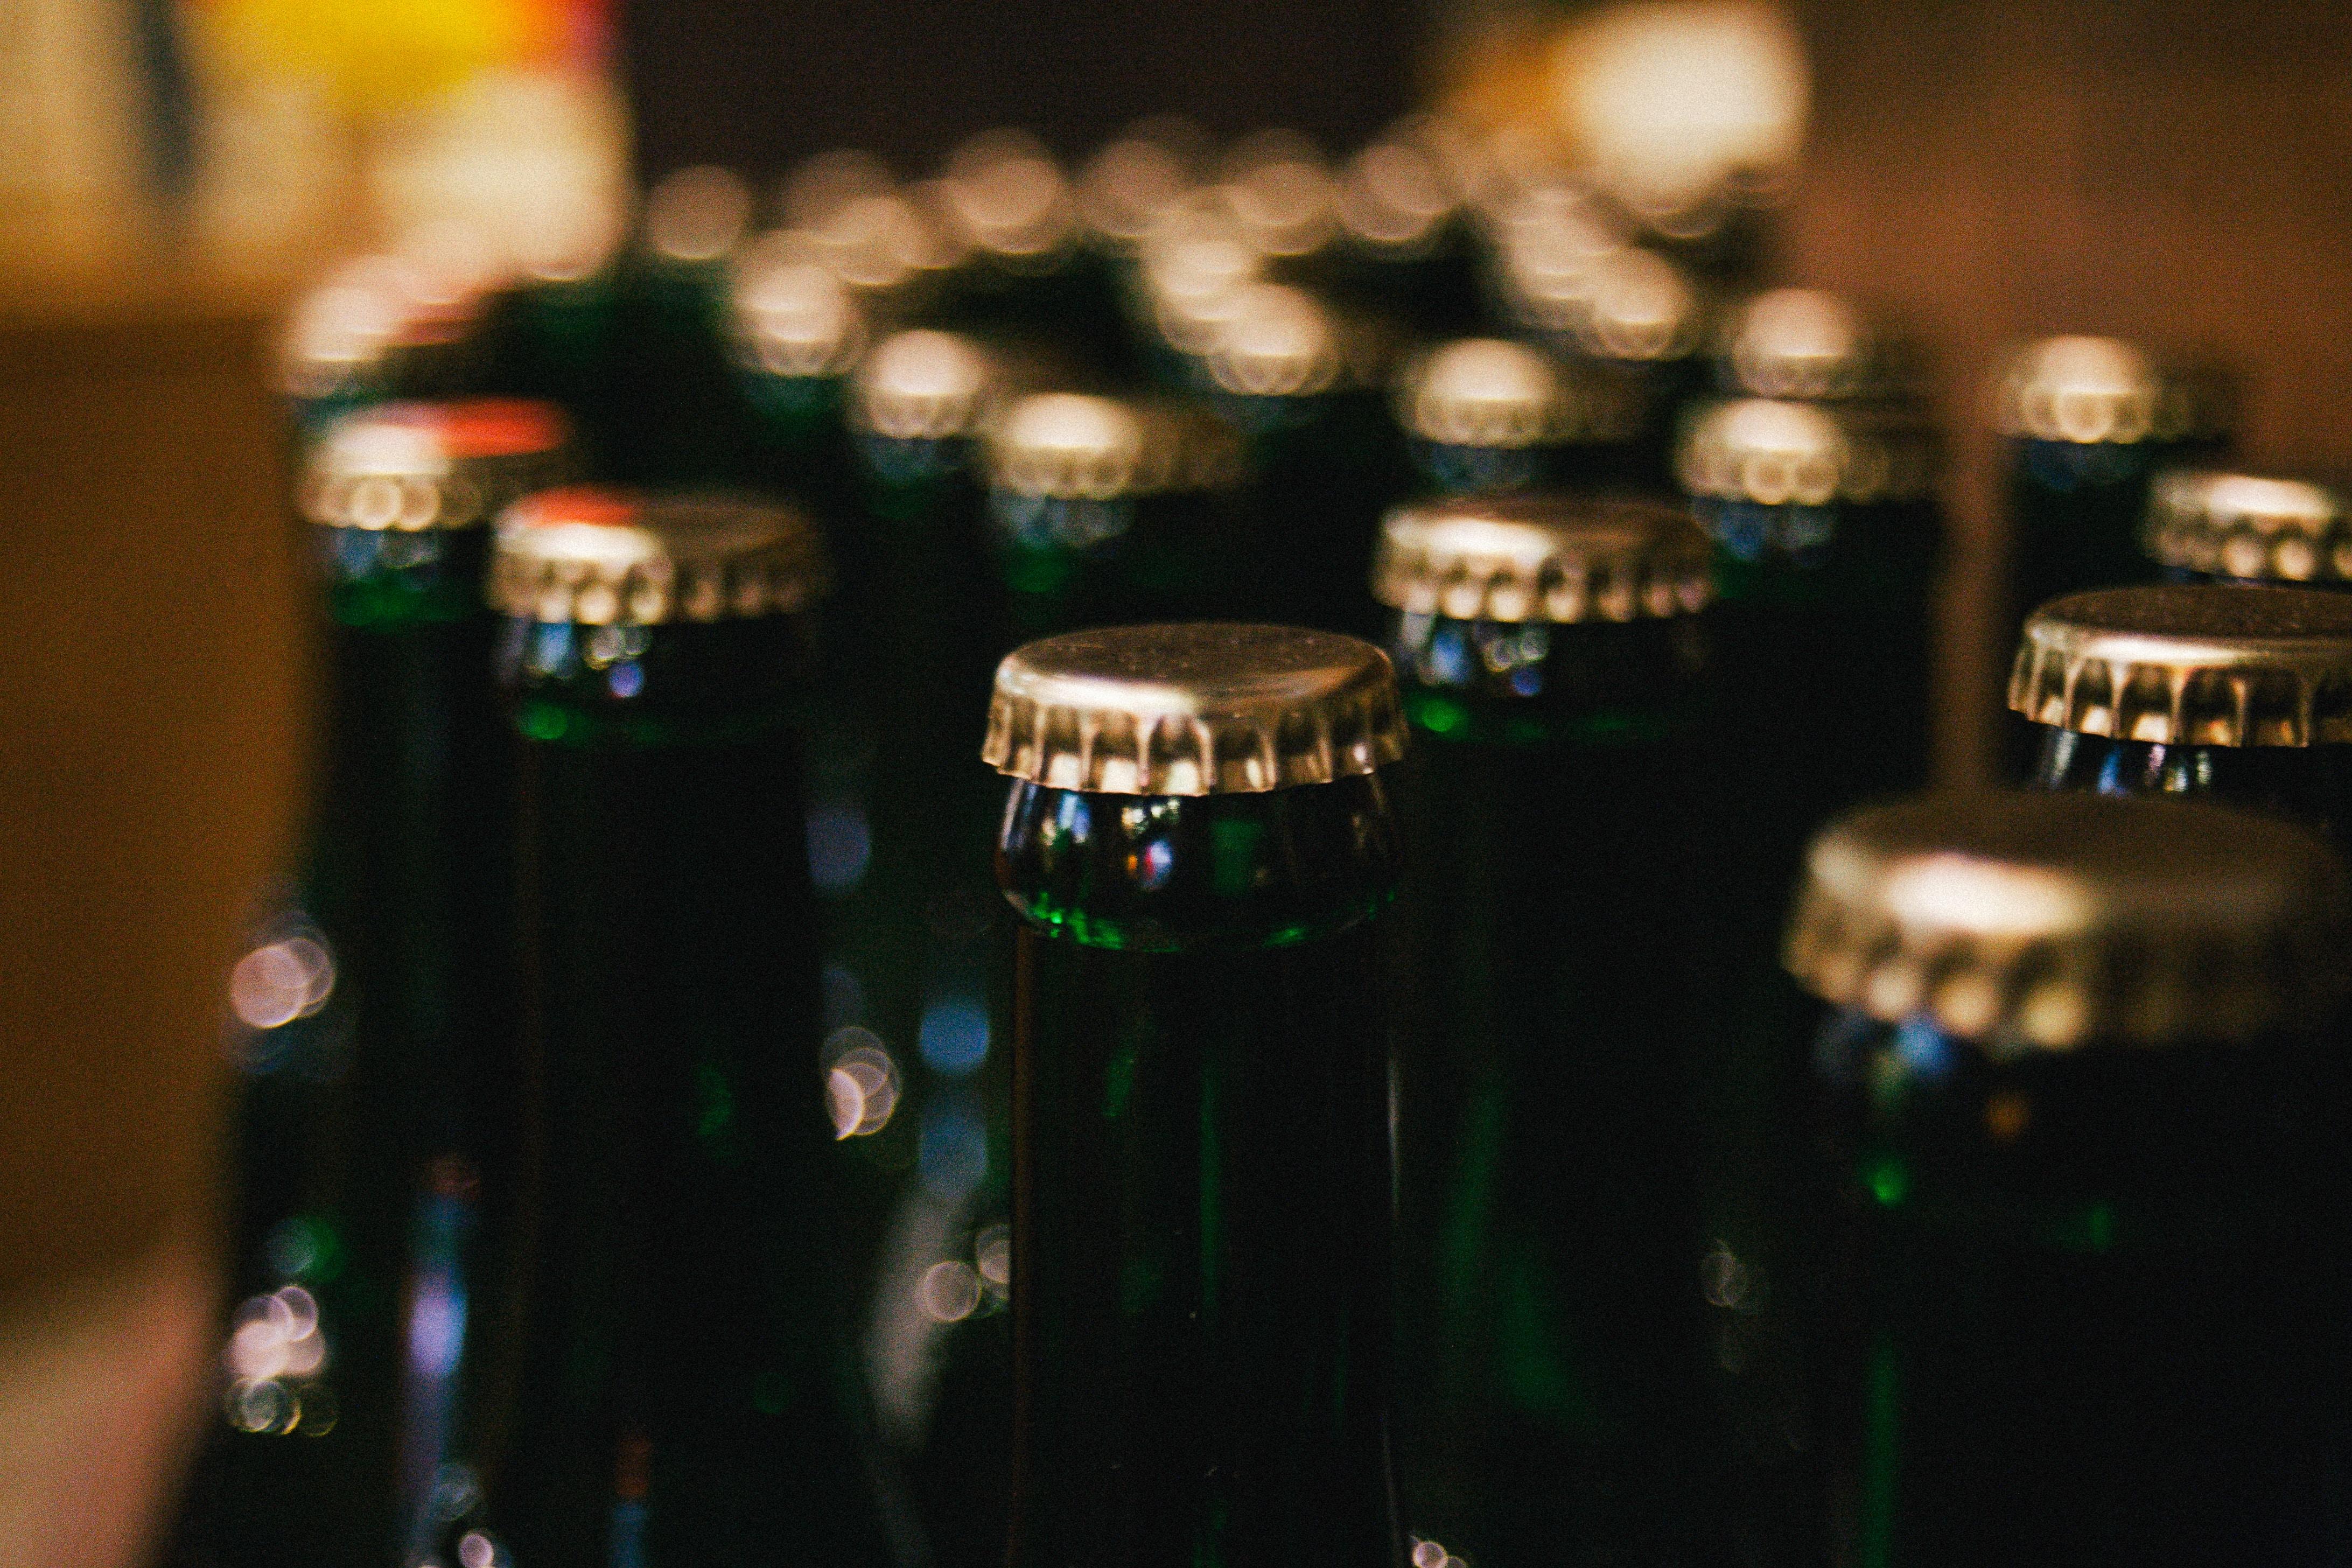 Der Online-Getränkelieferant Flaschenpost liefert das Bier nach Hause